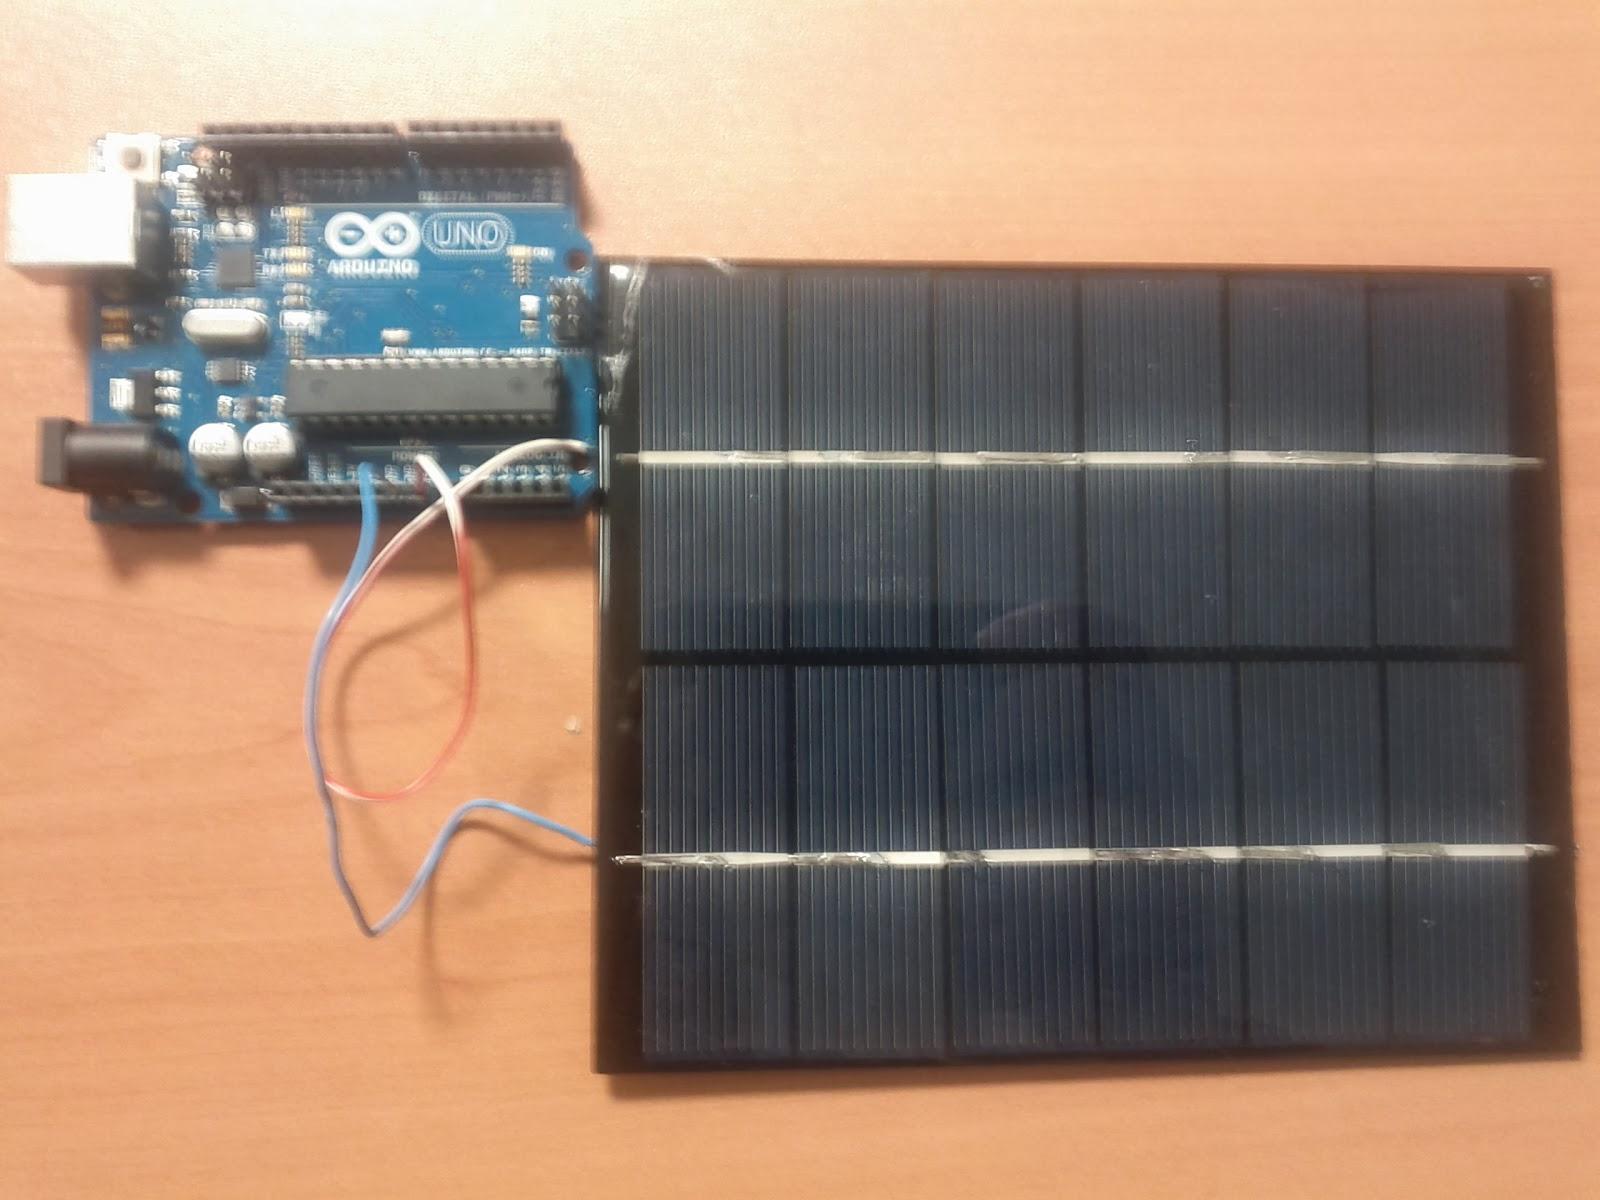 Pannello Solare Con Arduino : Debian su hardware obsoleto arduino e pannello solare